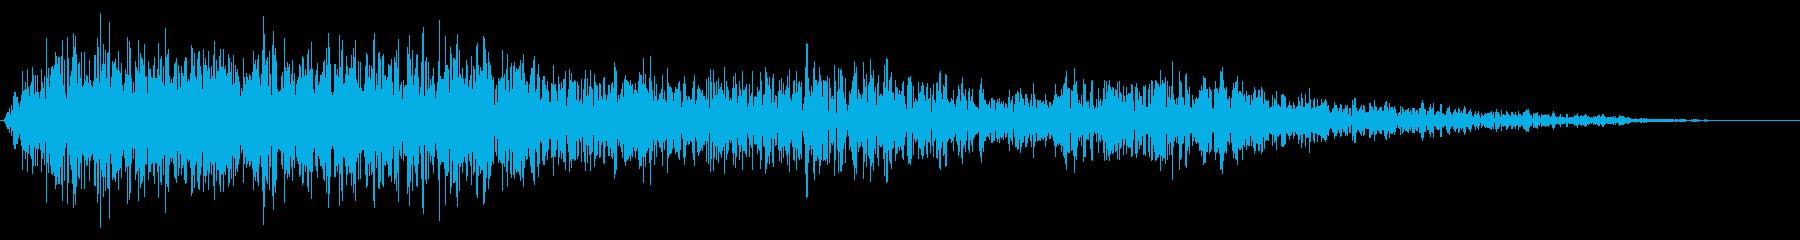 戦闘機の風の音の再生済みの波形